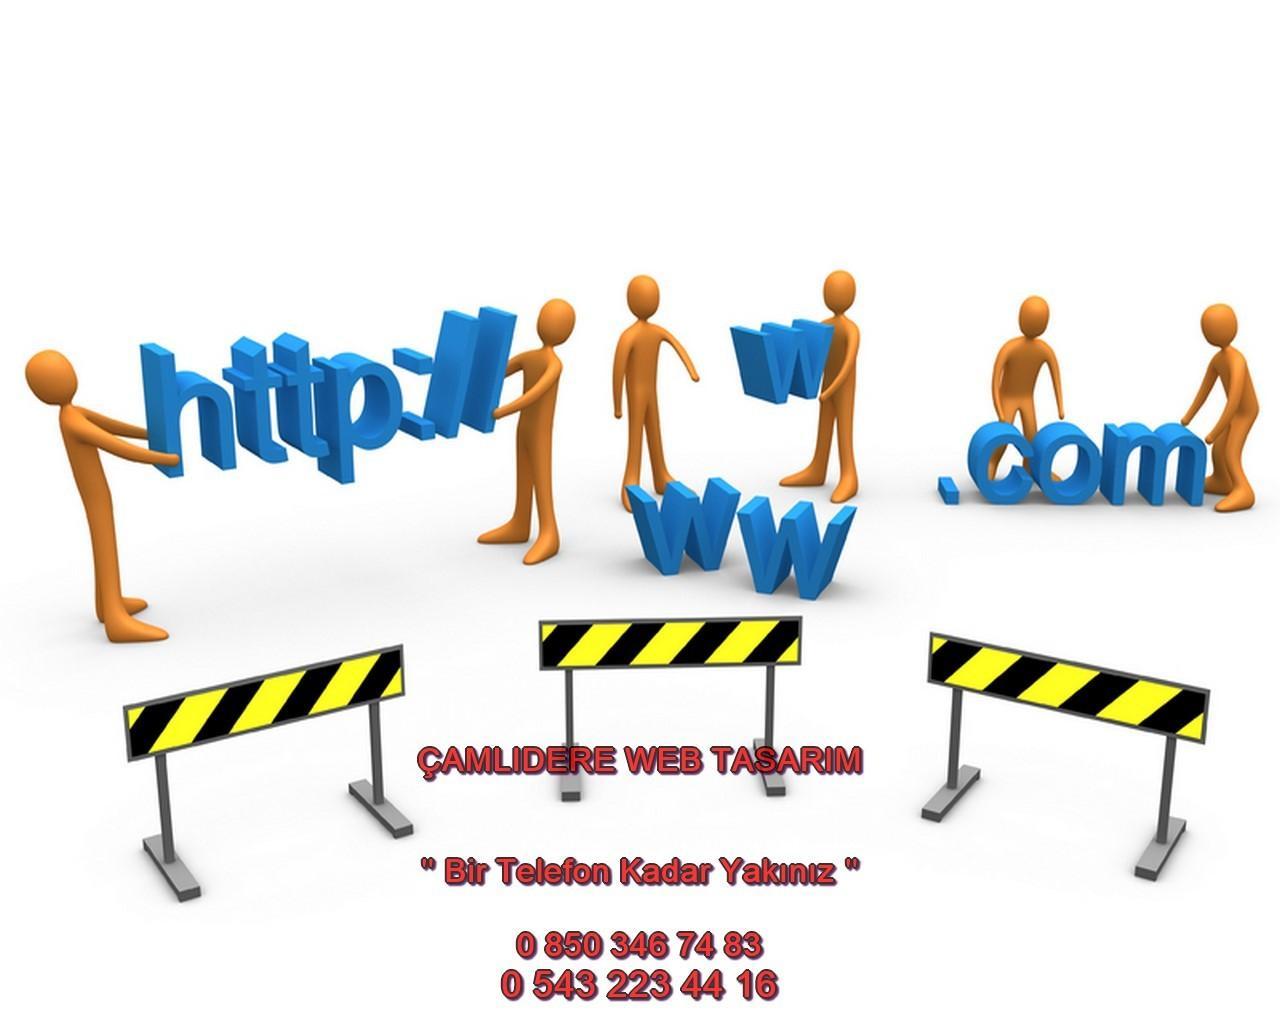 Çamlıdere Web Tasarım